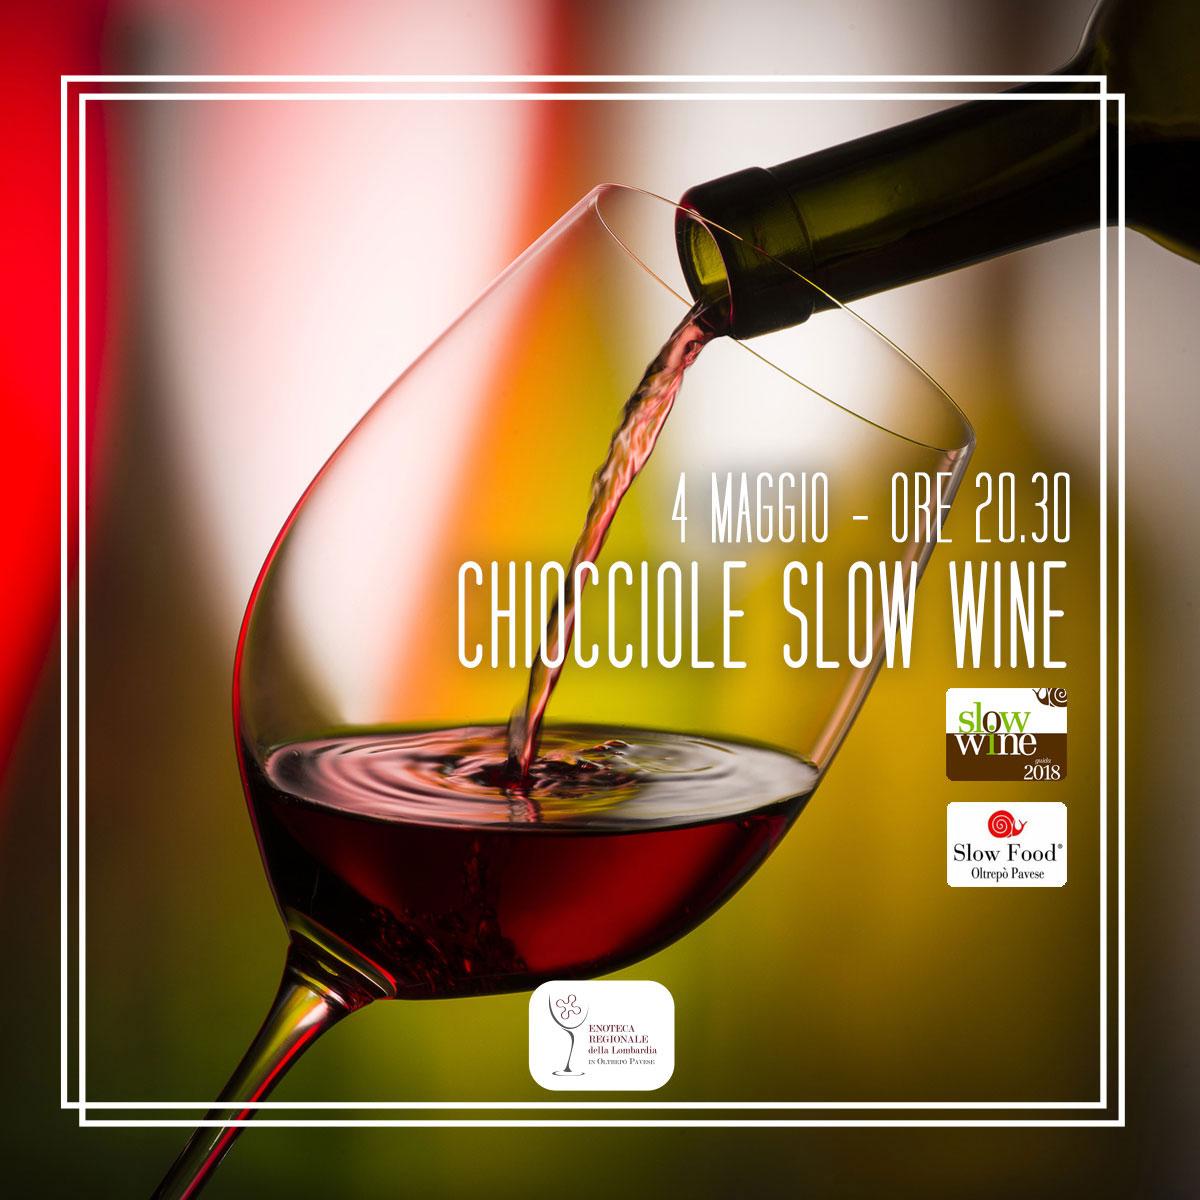 Chiocciole Slow Wine